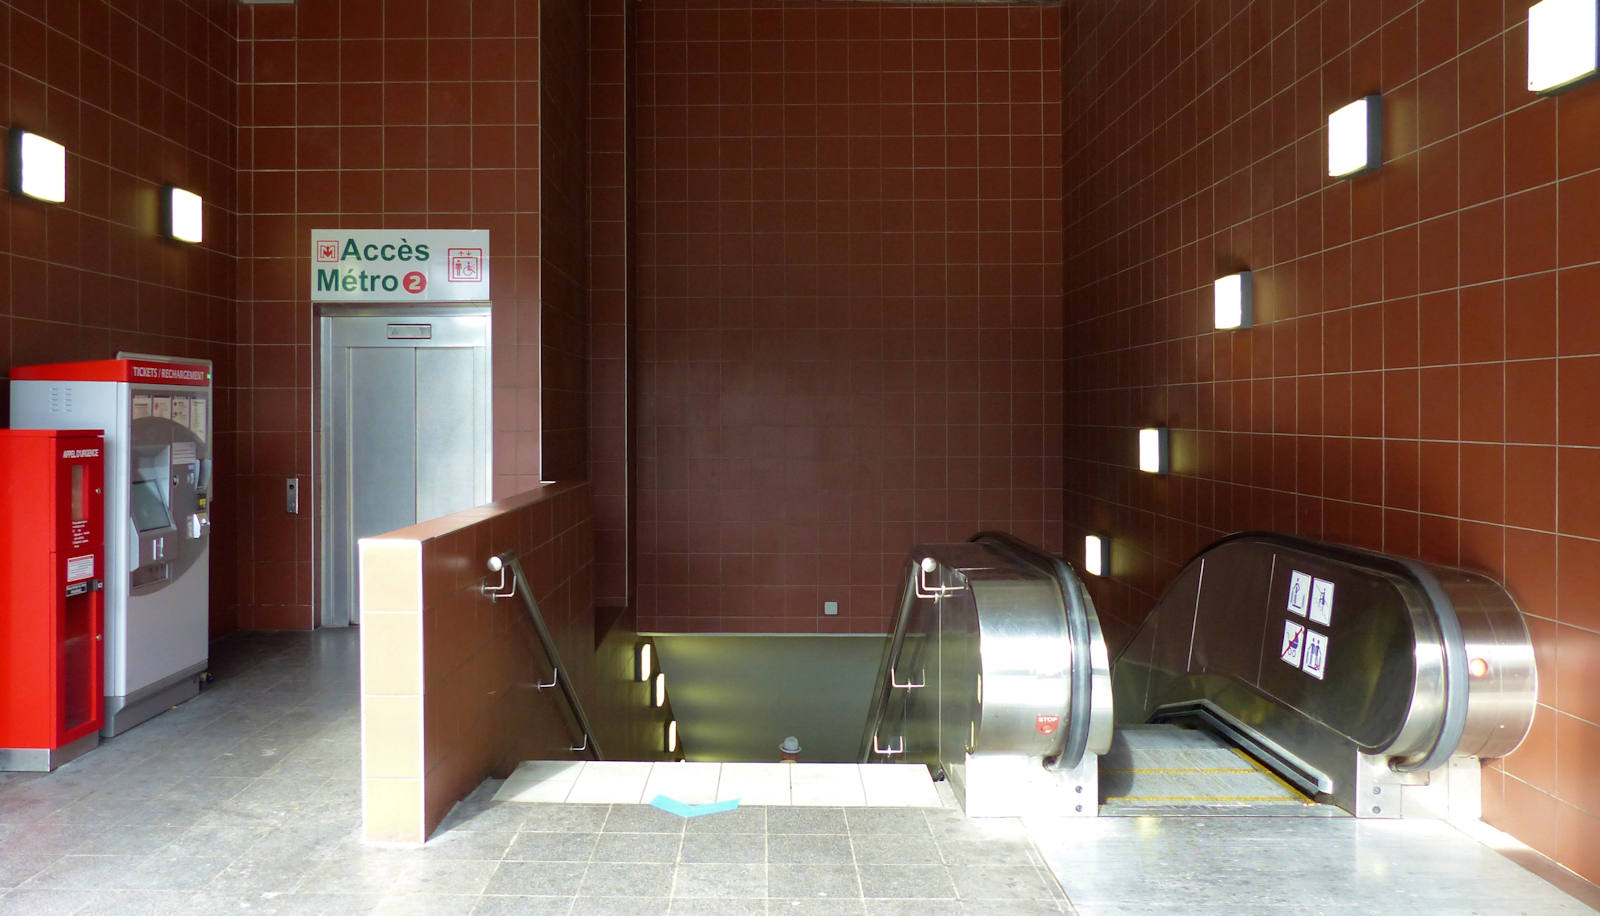 Station Métro Tourcoing Centre - Ascenseur d'accès rue Fidèle Lehoucq